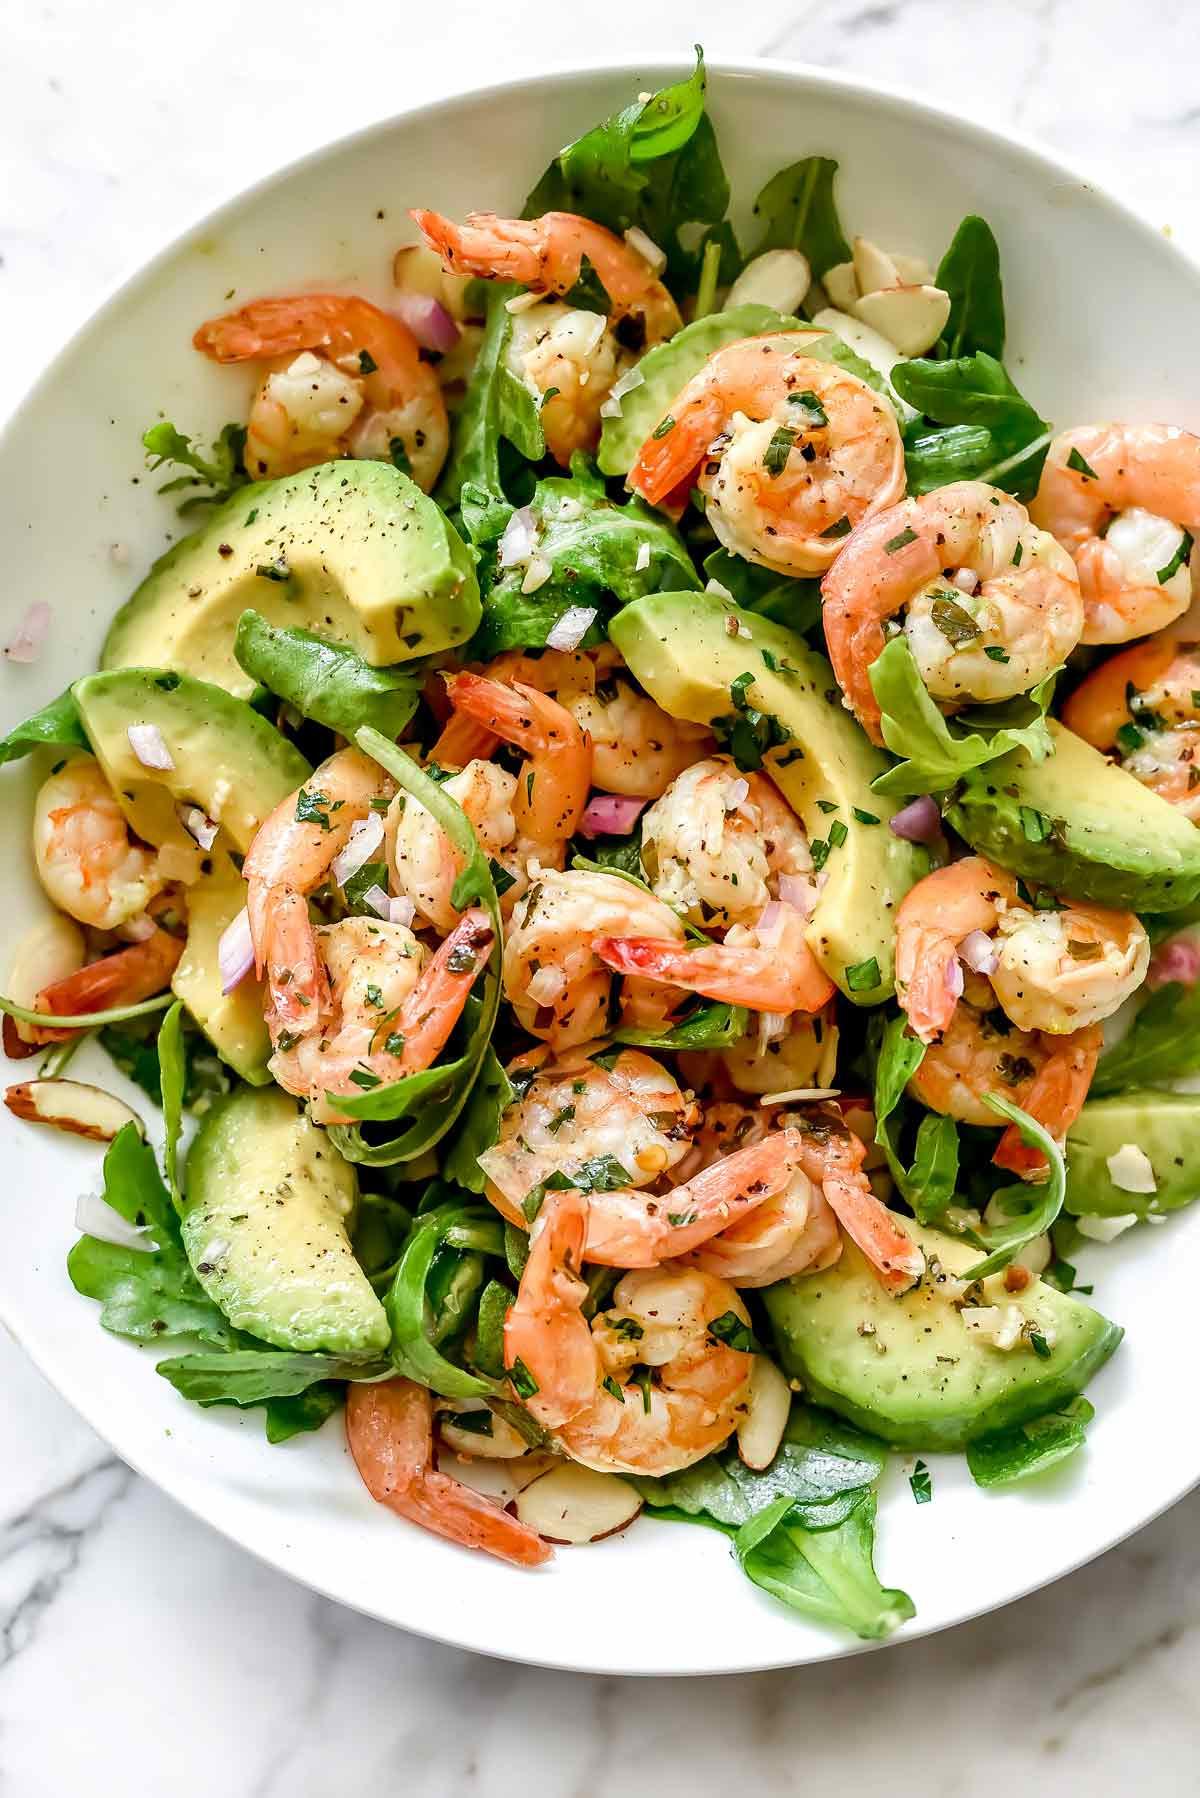 Recipe For Shrimp Salad  Citrus Shrimp and Avocado Salad